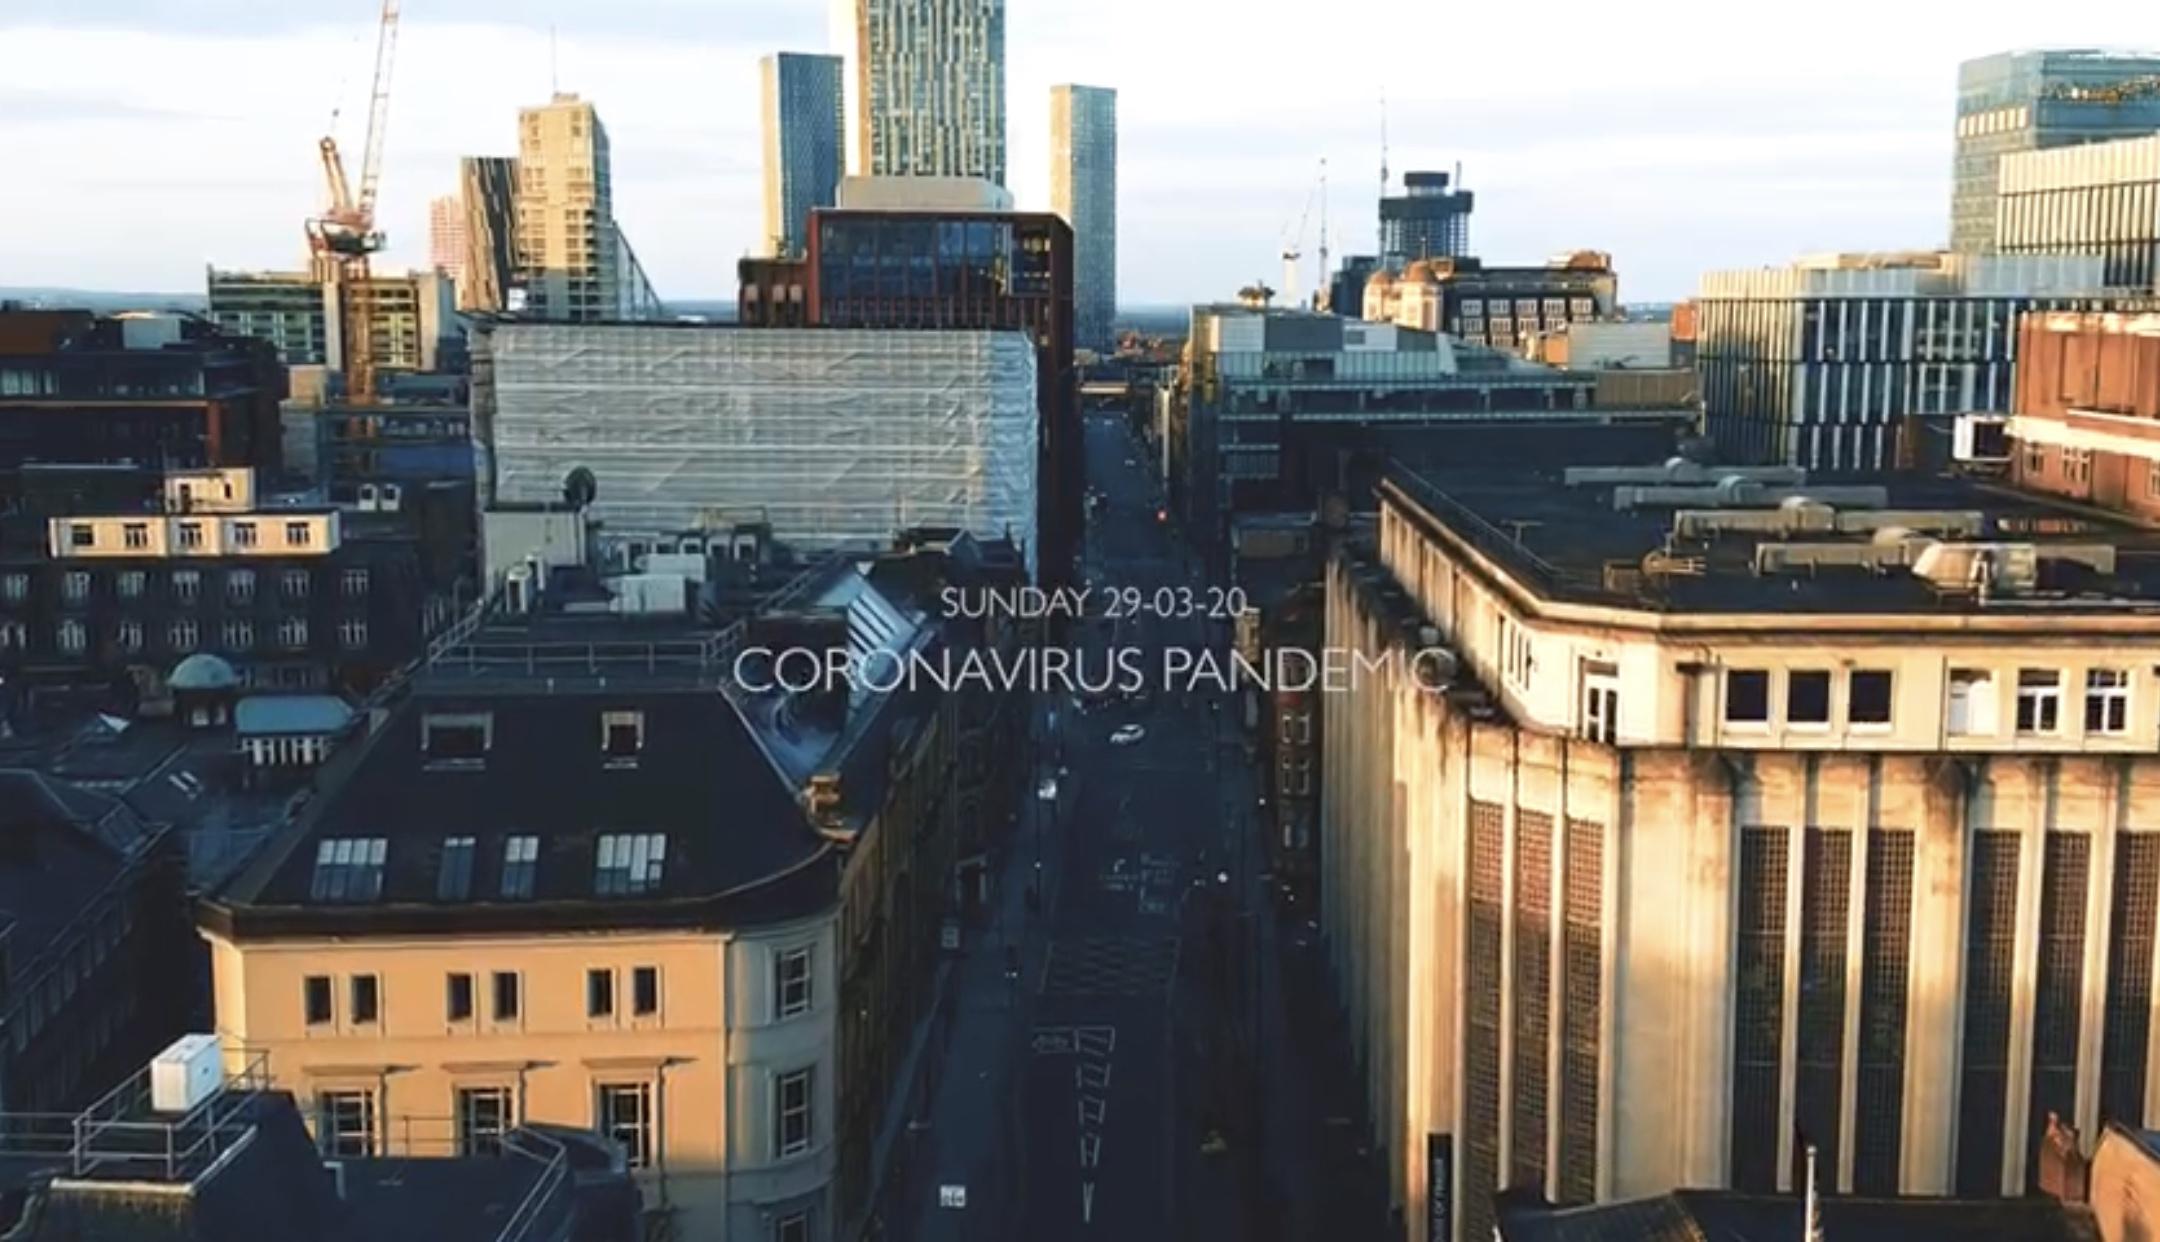 Short Film Coronavirus Pandemic UK